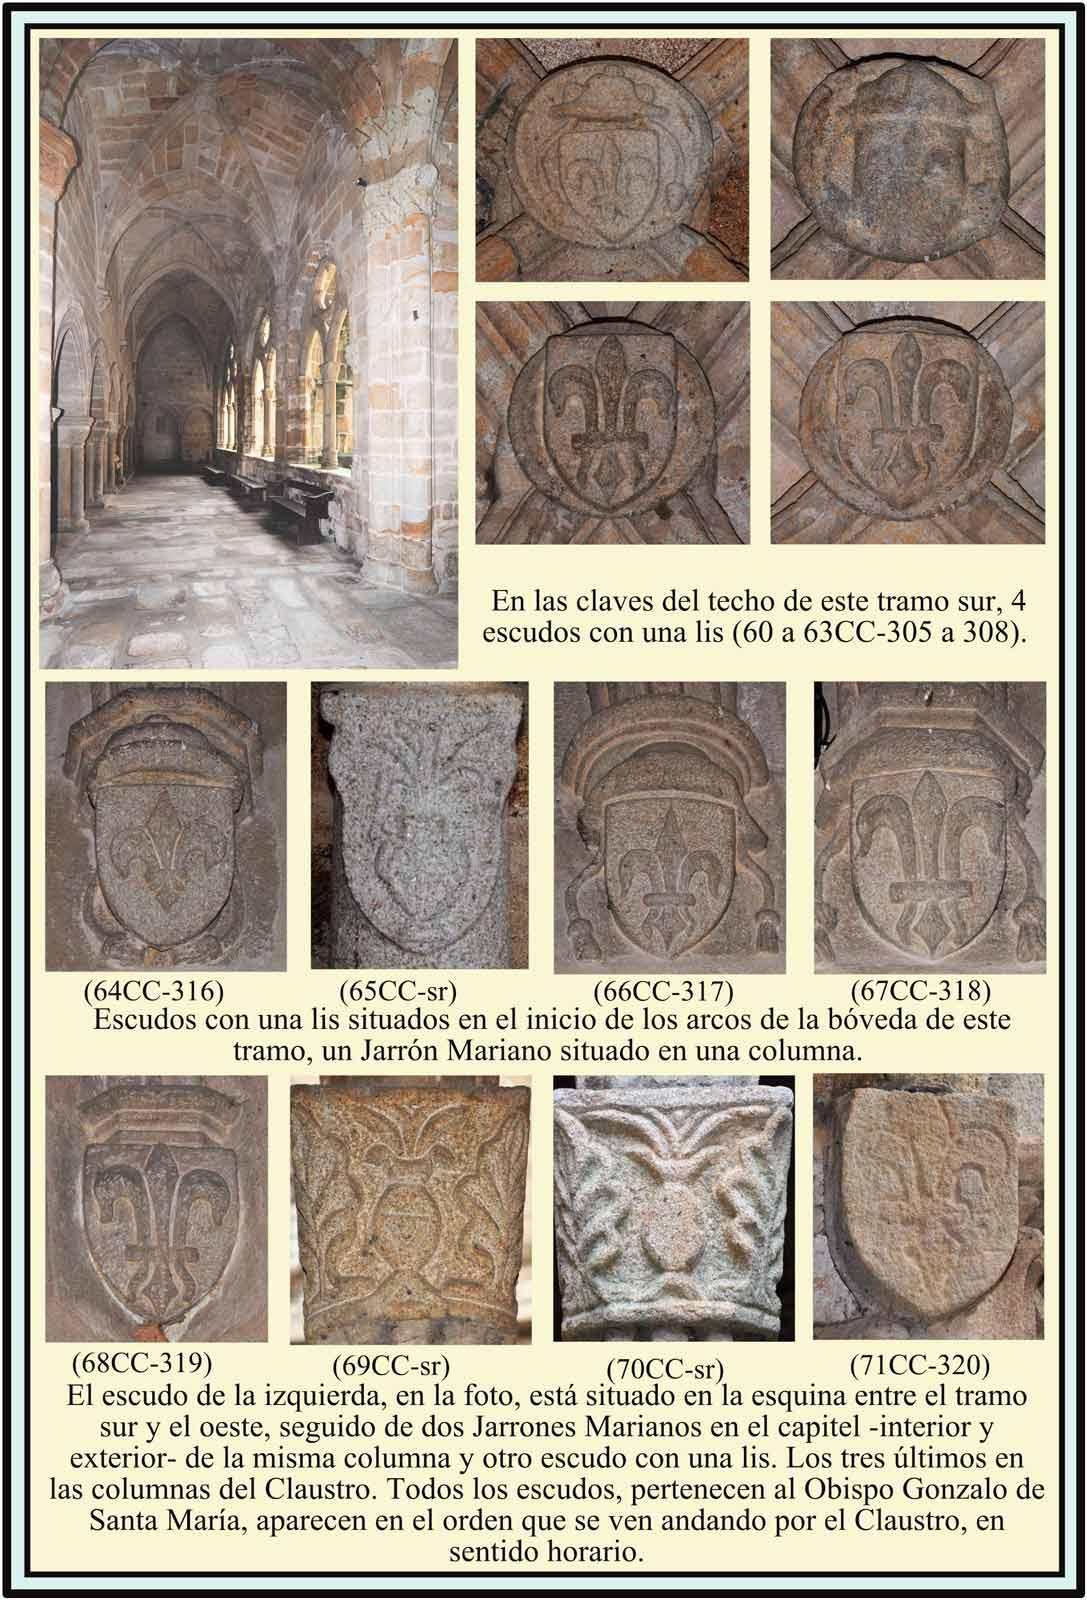 Catedral Vieja escudos con flor de Lis y Jarron Mariano